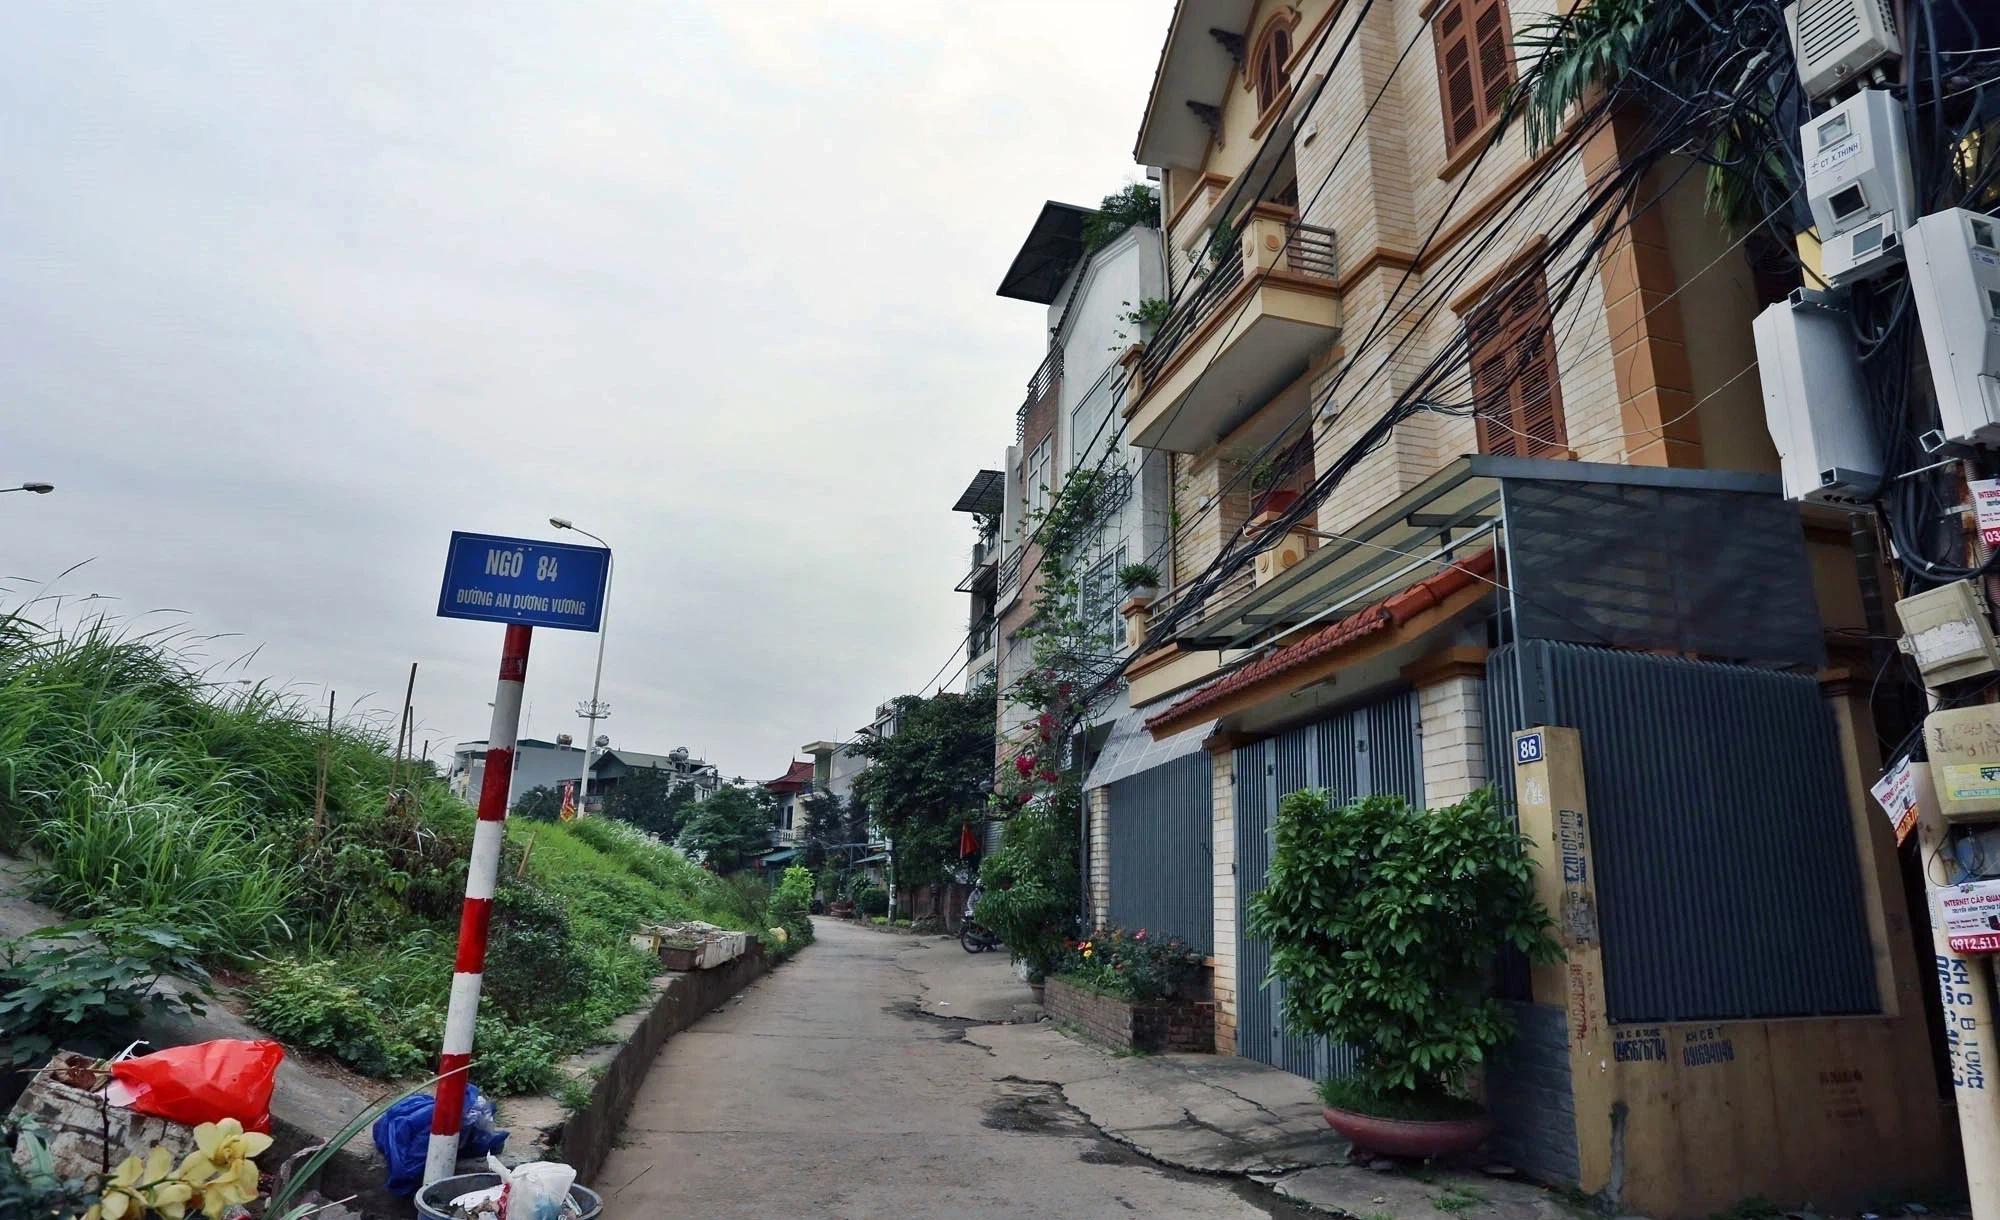 Toàn cảnh hiện trạng Phân khu đô thị sông Hồng trên địa bàn quận Tây Hồ - Ảnh 14.